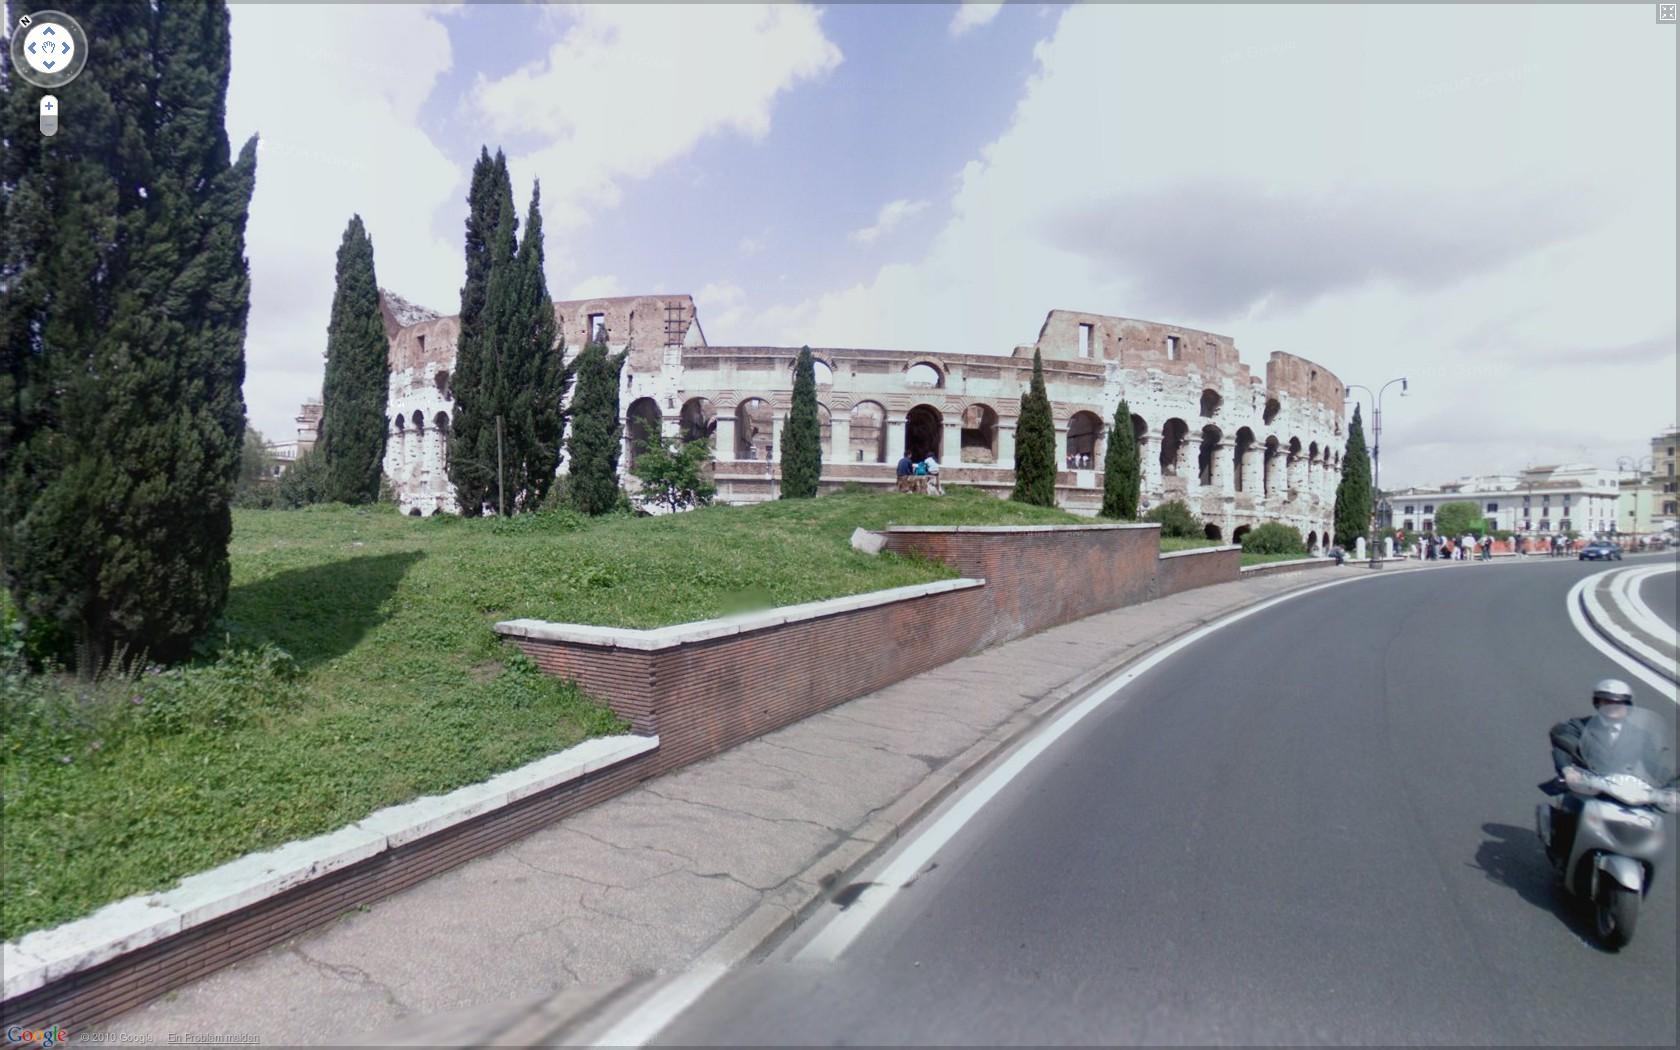 Street View: Das eigene Haus kann ab sofort verpixelt werden - Google Street View: Colosseum in Rom